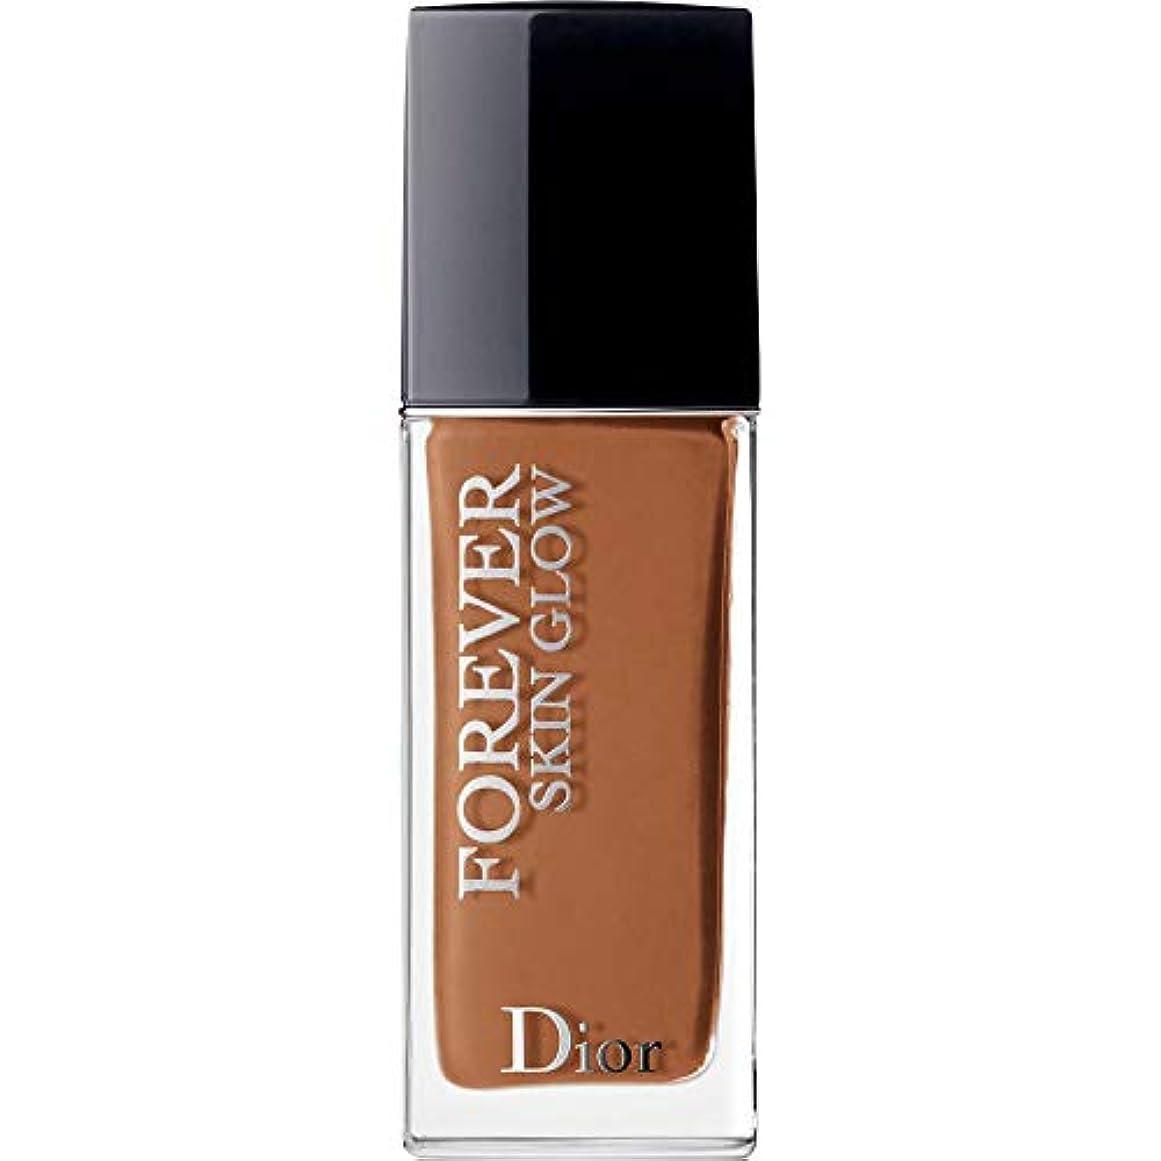 幸福ラバ毒[Dior ] ディオール永遠に皮膚グロー皮膚思いやりの基礎Spf35 30ミリリットルの6N - ニュートラル(肌の輝き) - DIOR Forever Skin Glow Skin-Caring Foundation...